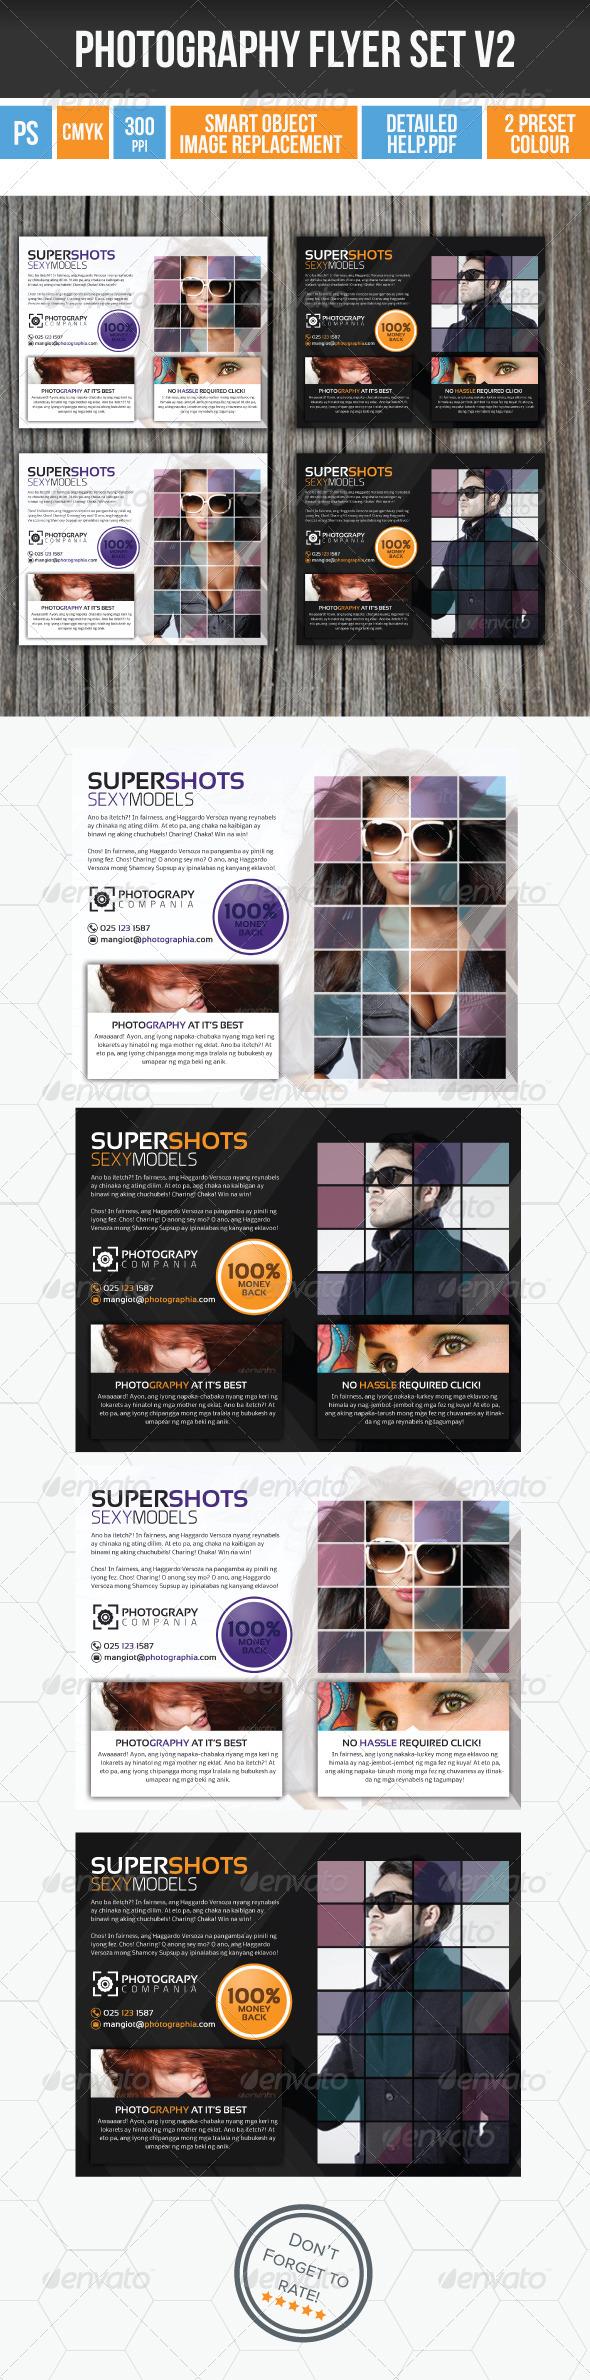 Minimalist Photography Flyer v2 - Flyers Print Templates